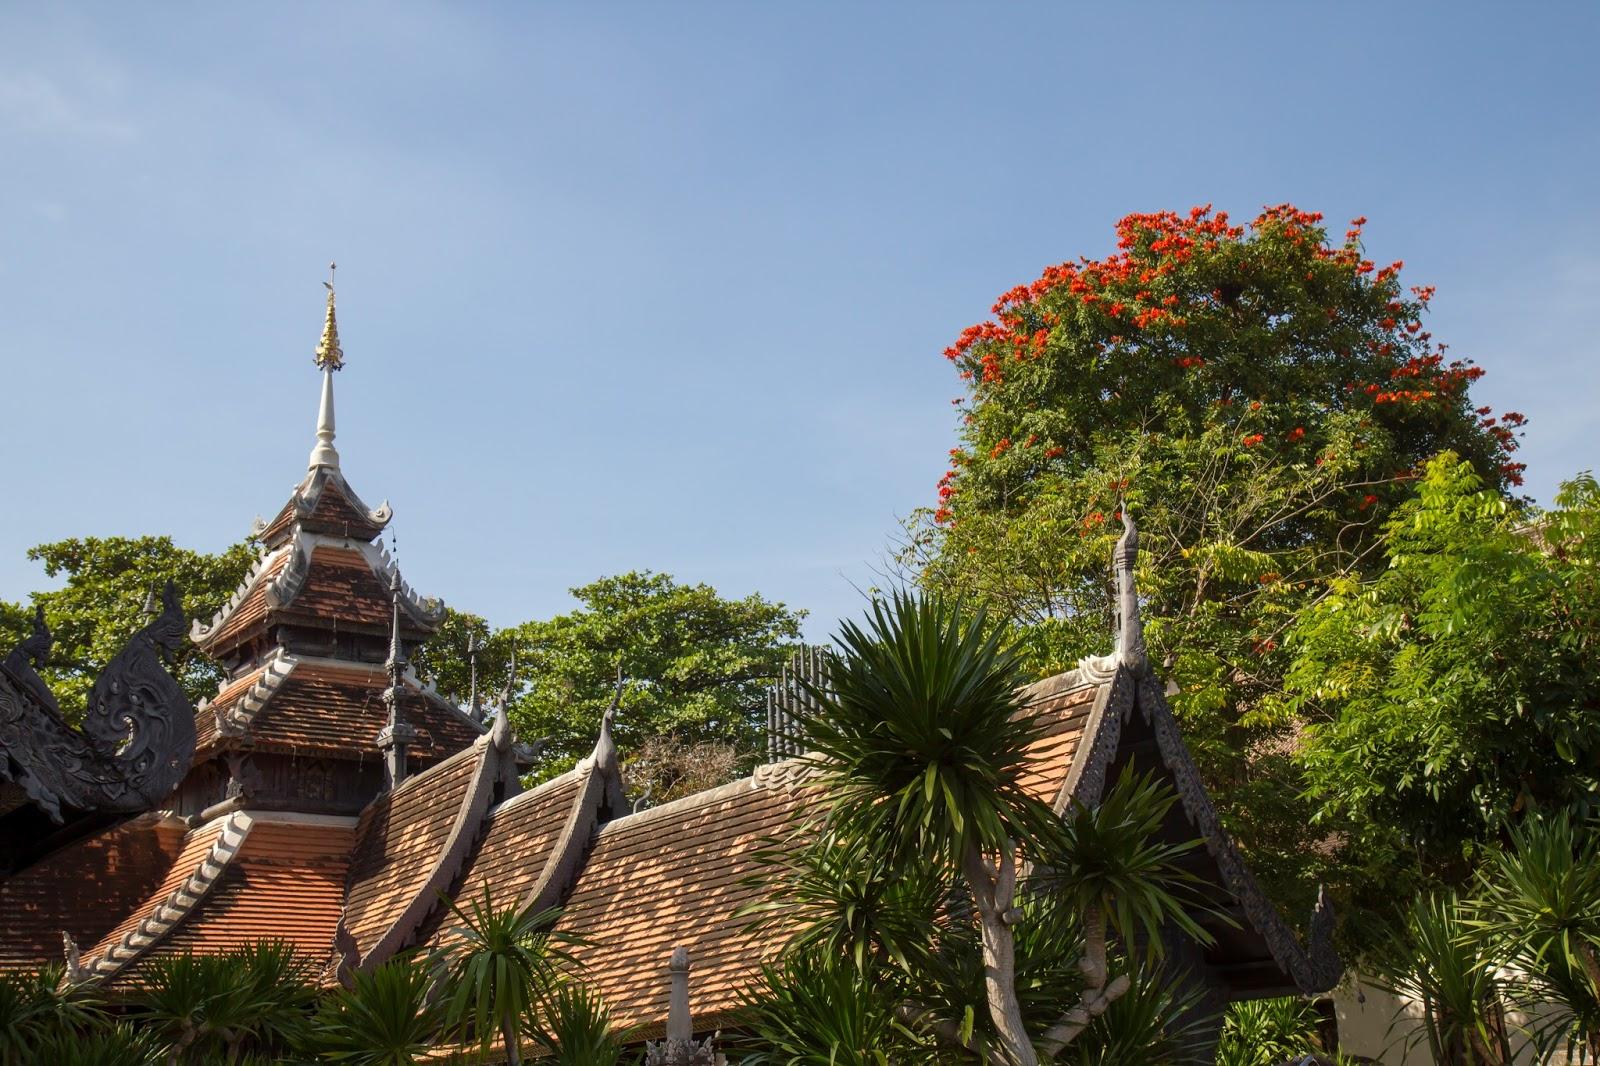 Wat Chedi Luang Worawihan in Chiang Mai, Thailand